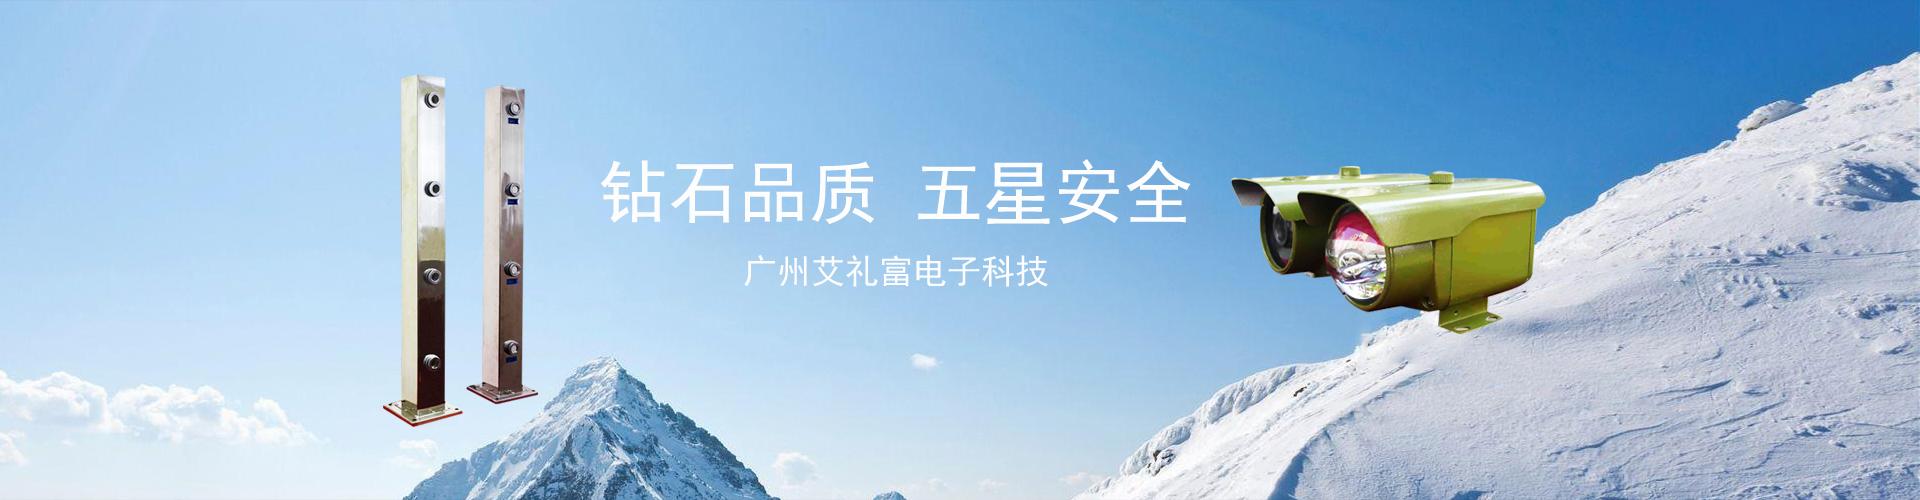 10月北京展会信息-广州市艾礼富...